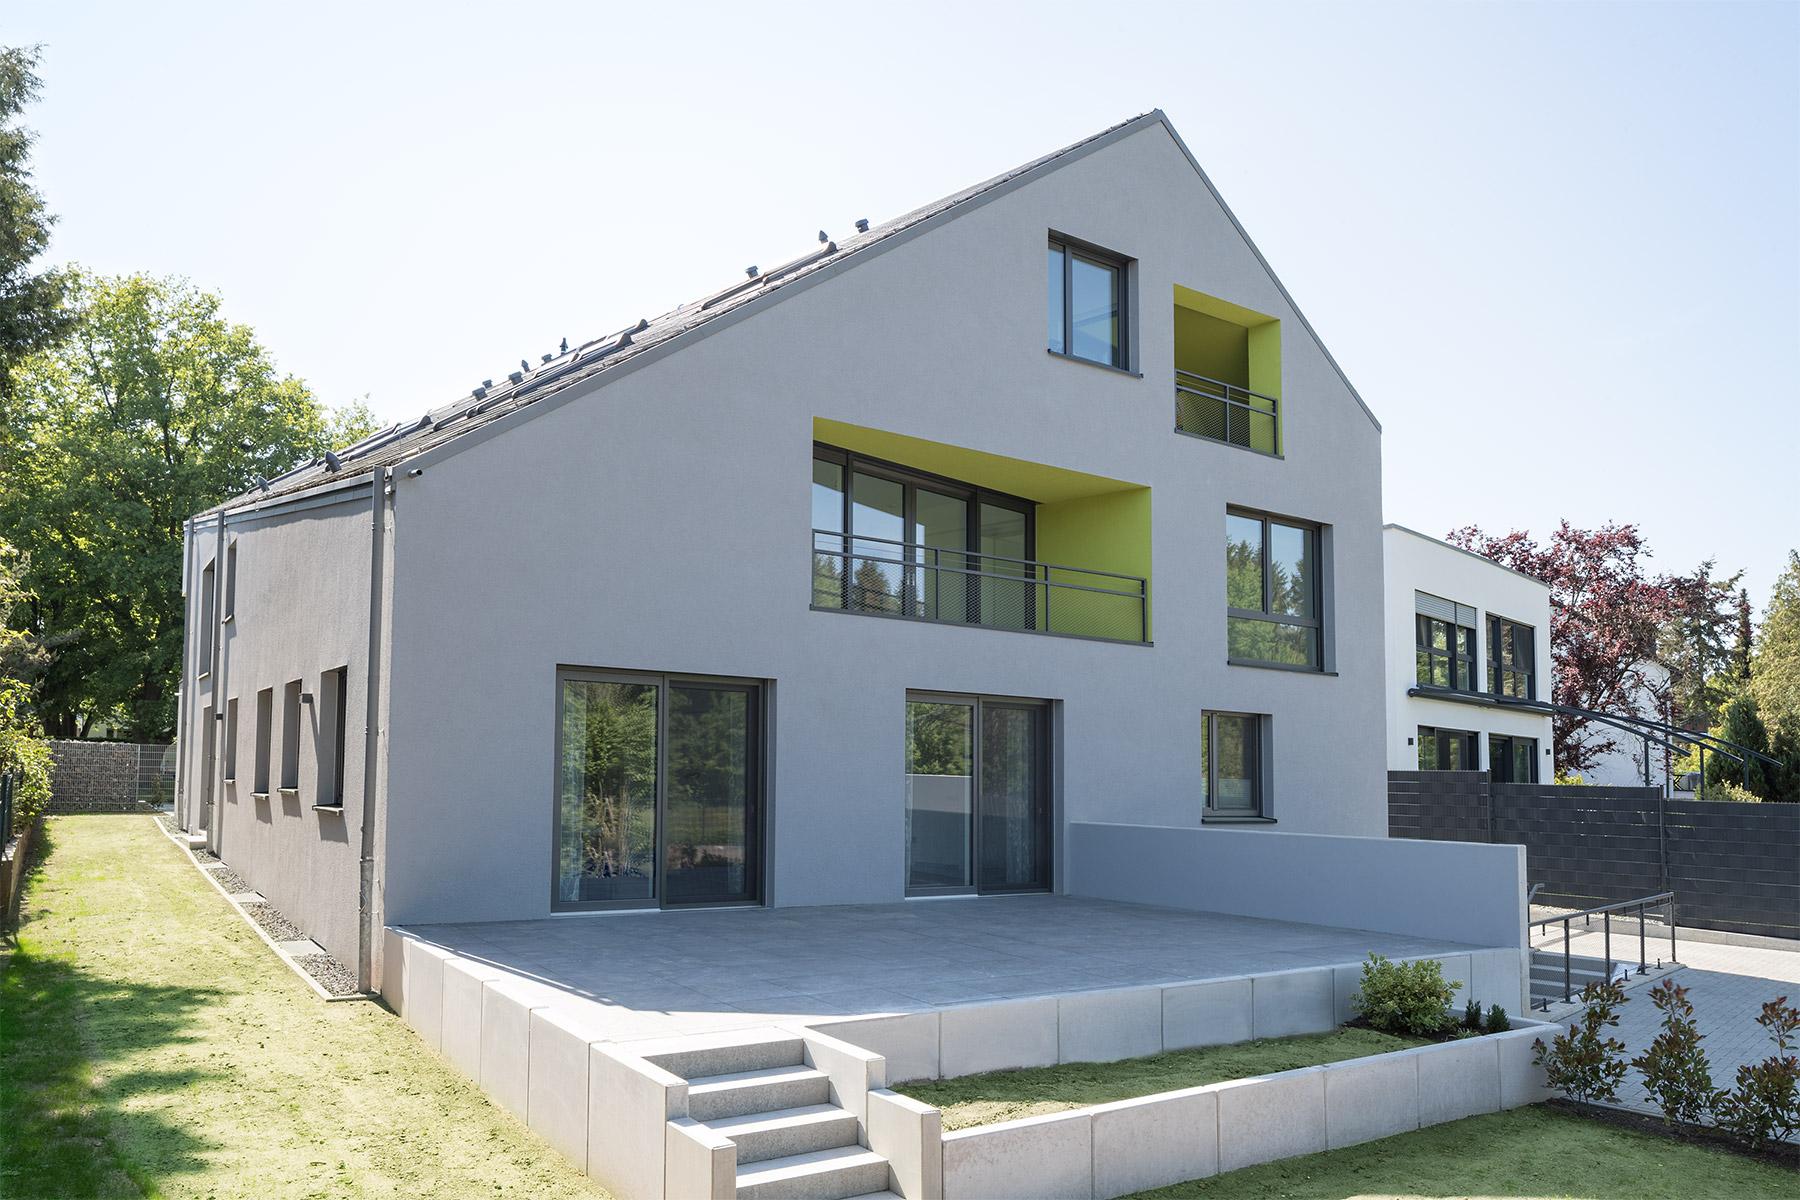 Architekturfotografie Wohnhaus Corporate Fotografie